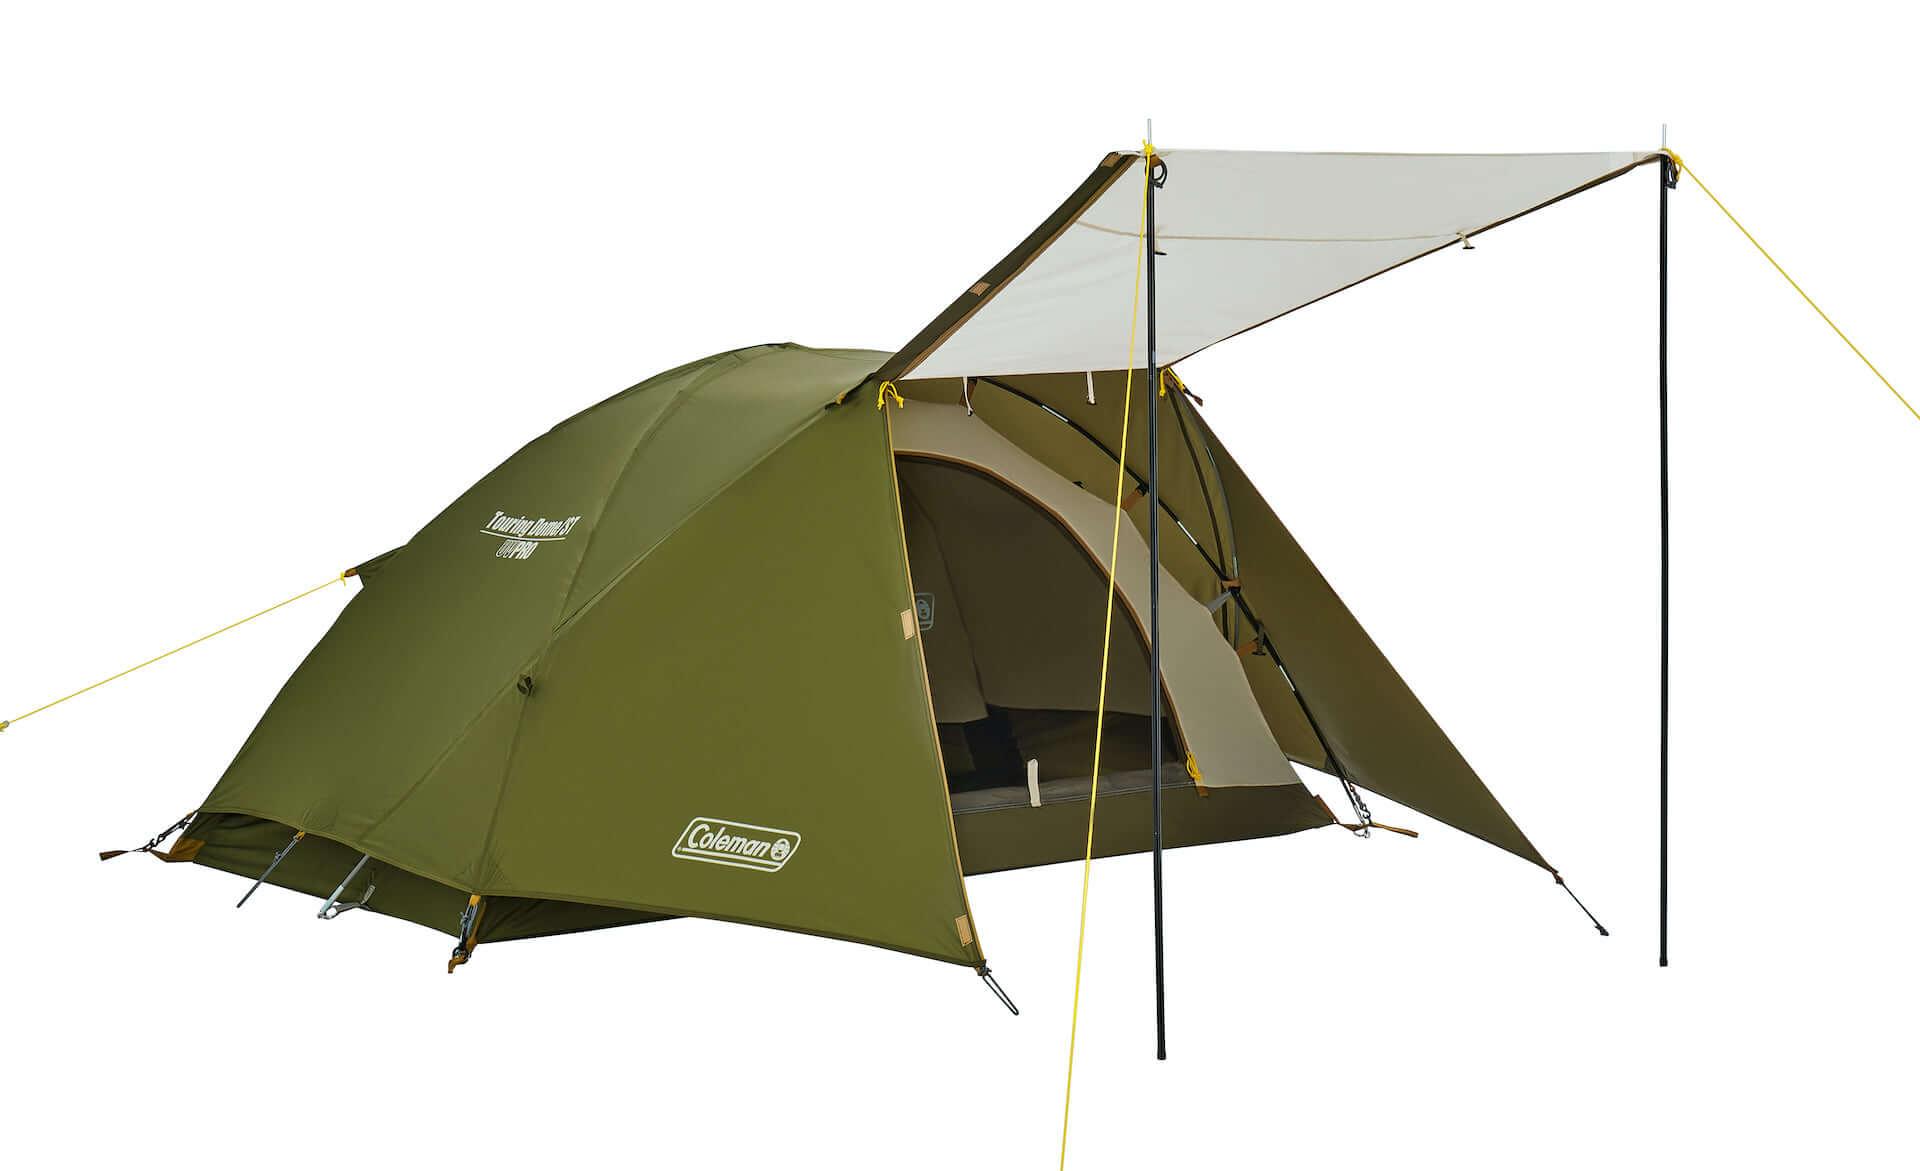 ソロキャンプにもおすすめなテント、ヘキサタープがコールマンから登場!『ツーリングドーム』『ヘキサライトⅡ』など全4種が発売決定 lf210114_coleman_5-1920x1171